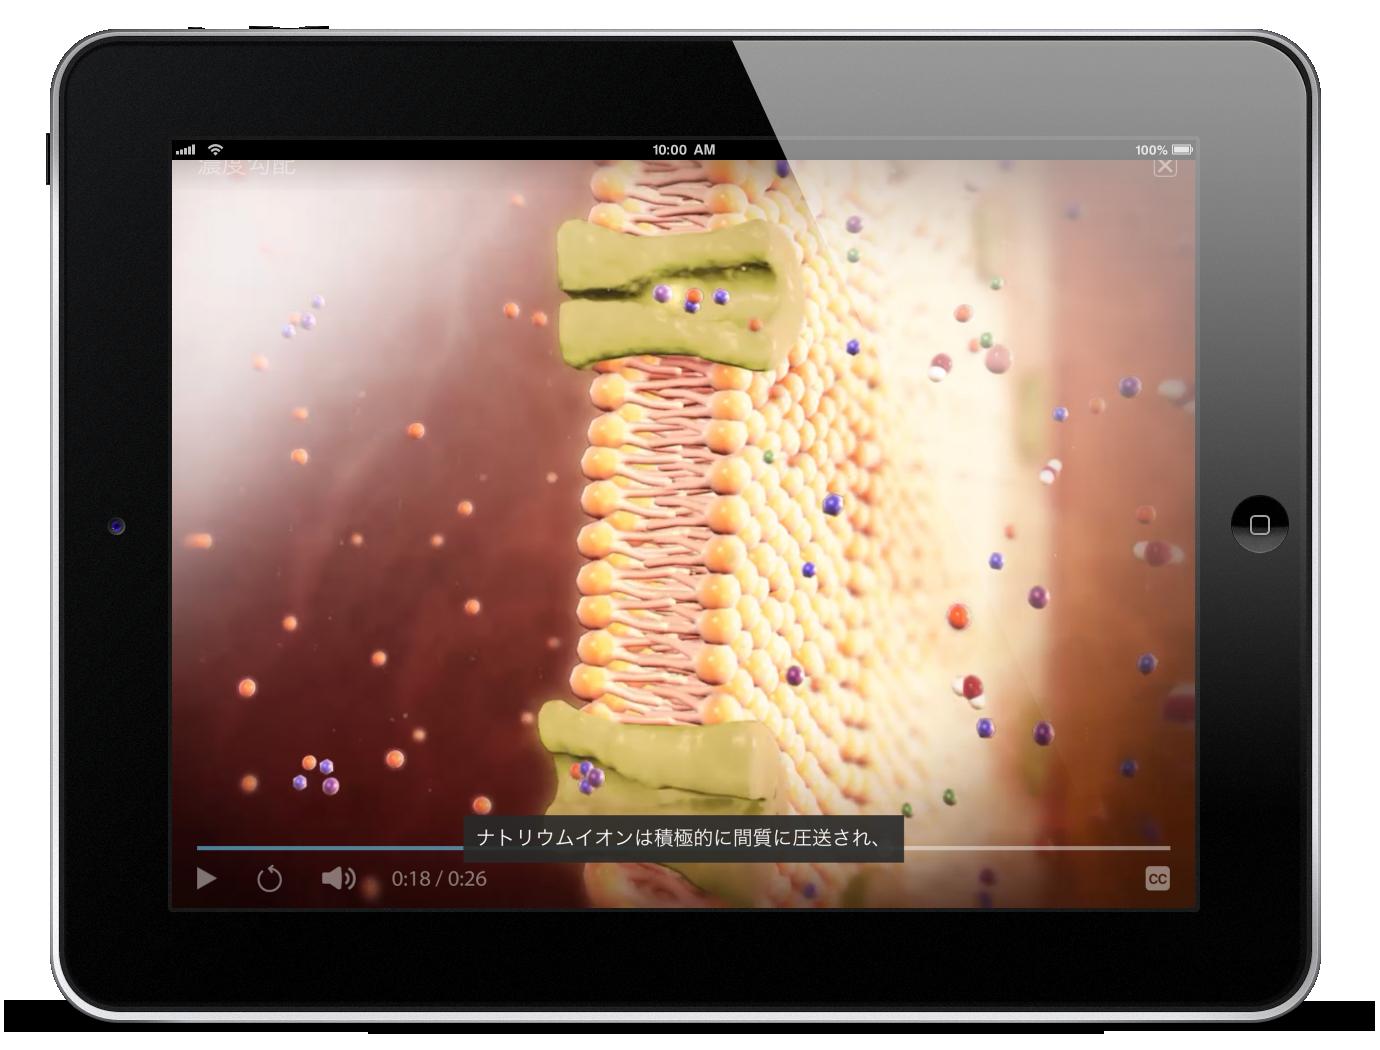 Thumbnail of Visible Body Physiology & Pathology animation